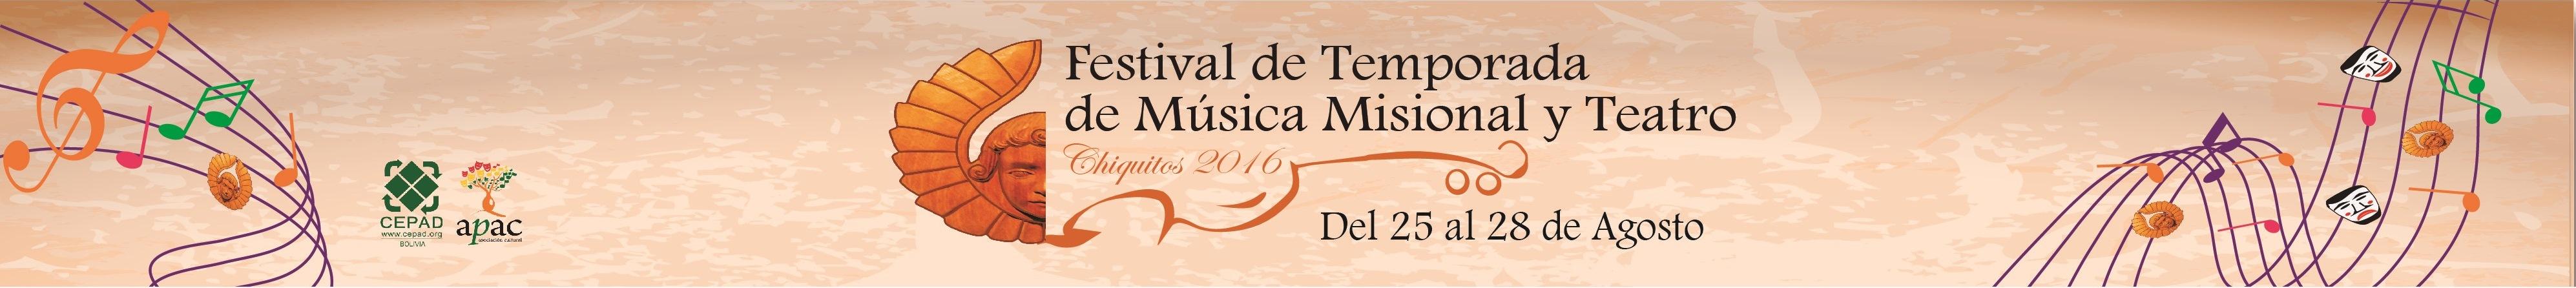 Festival de Temporada